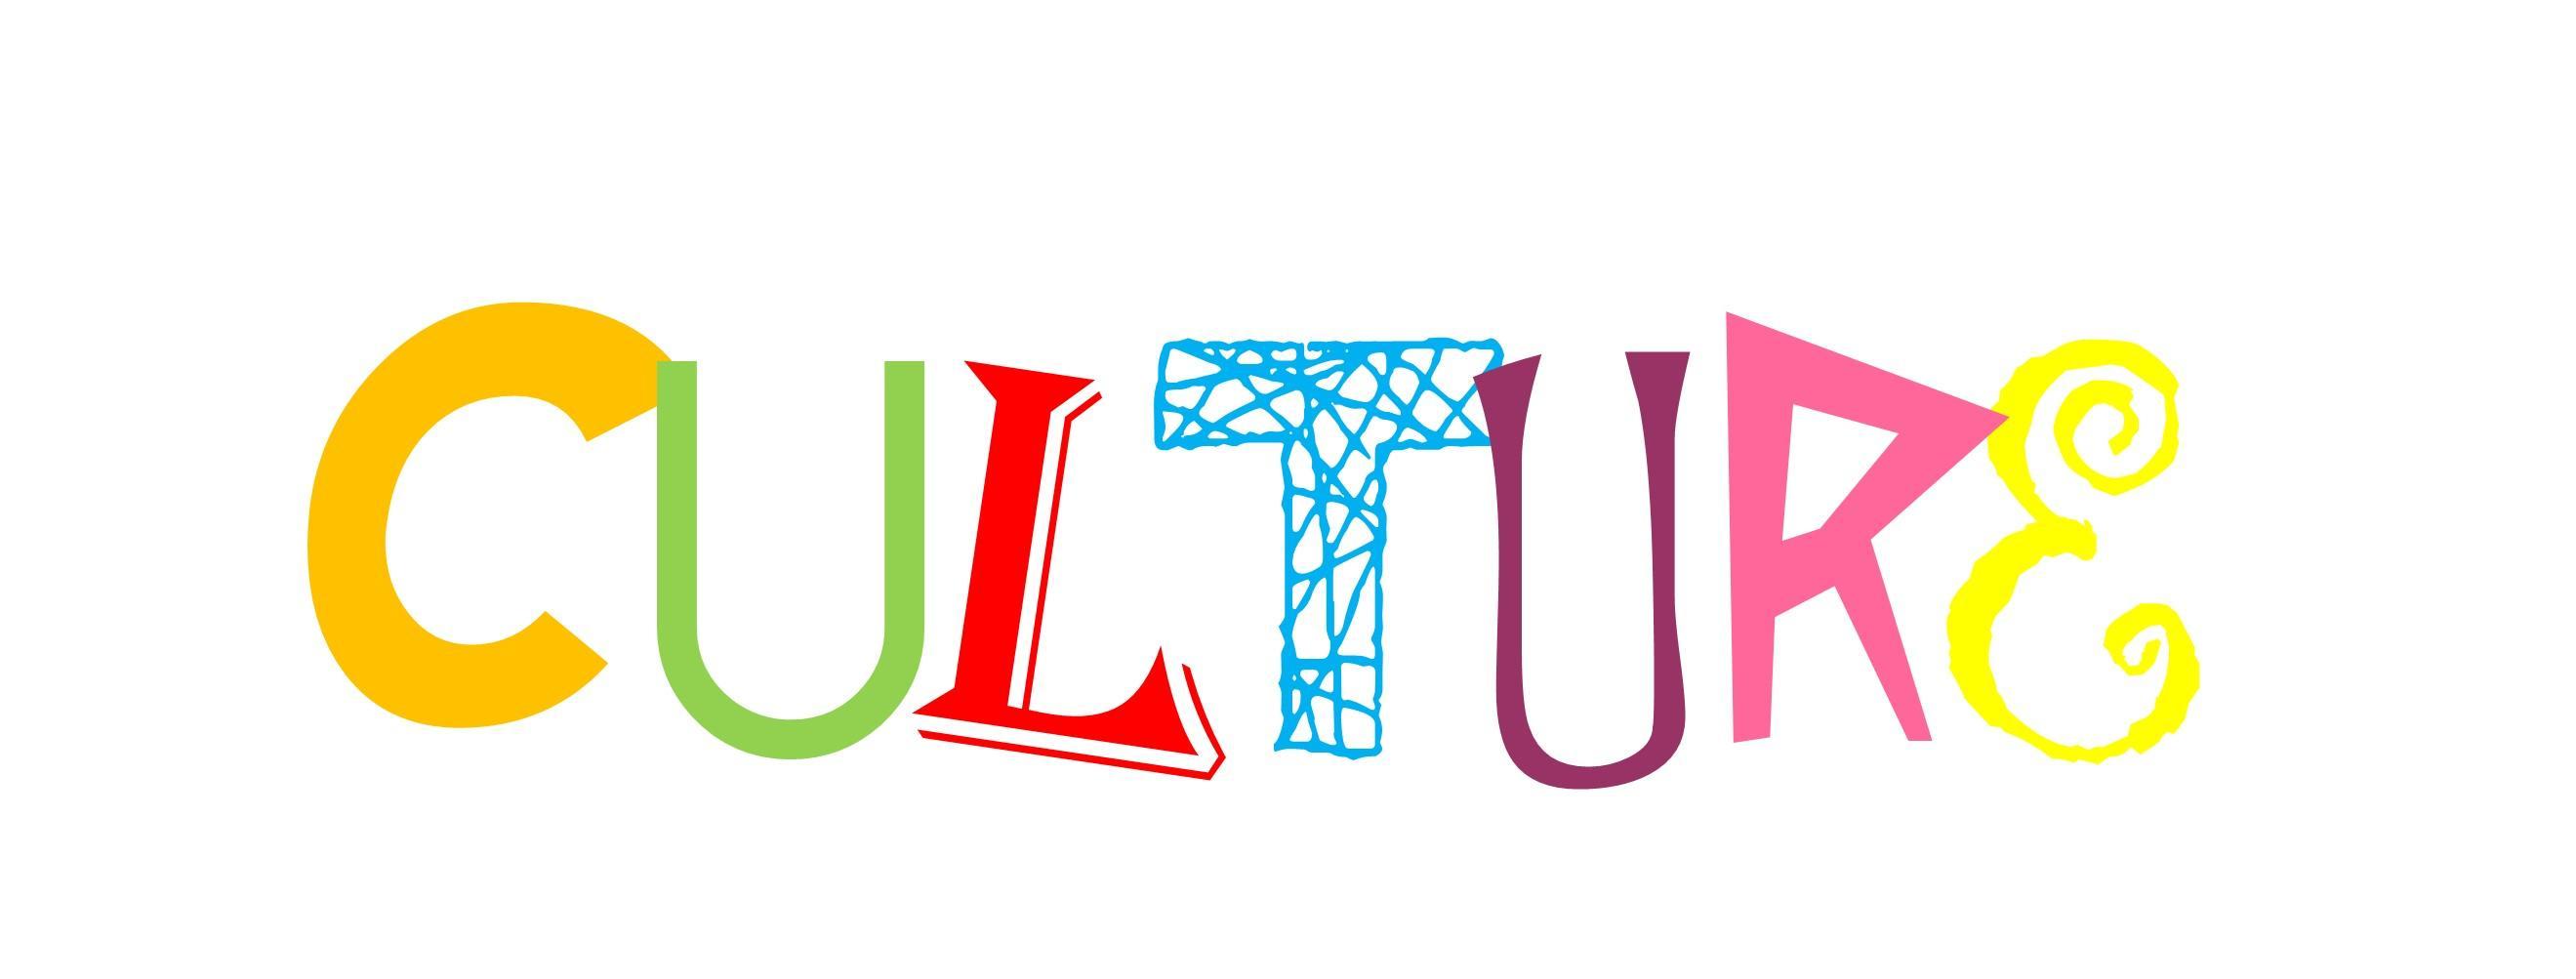 Image de couverture - Programme culturel